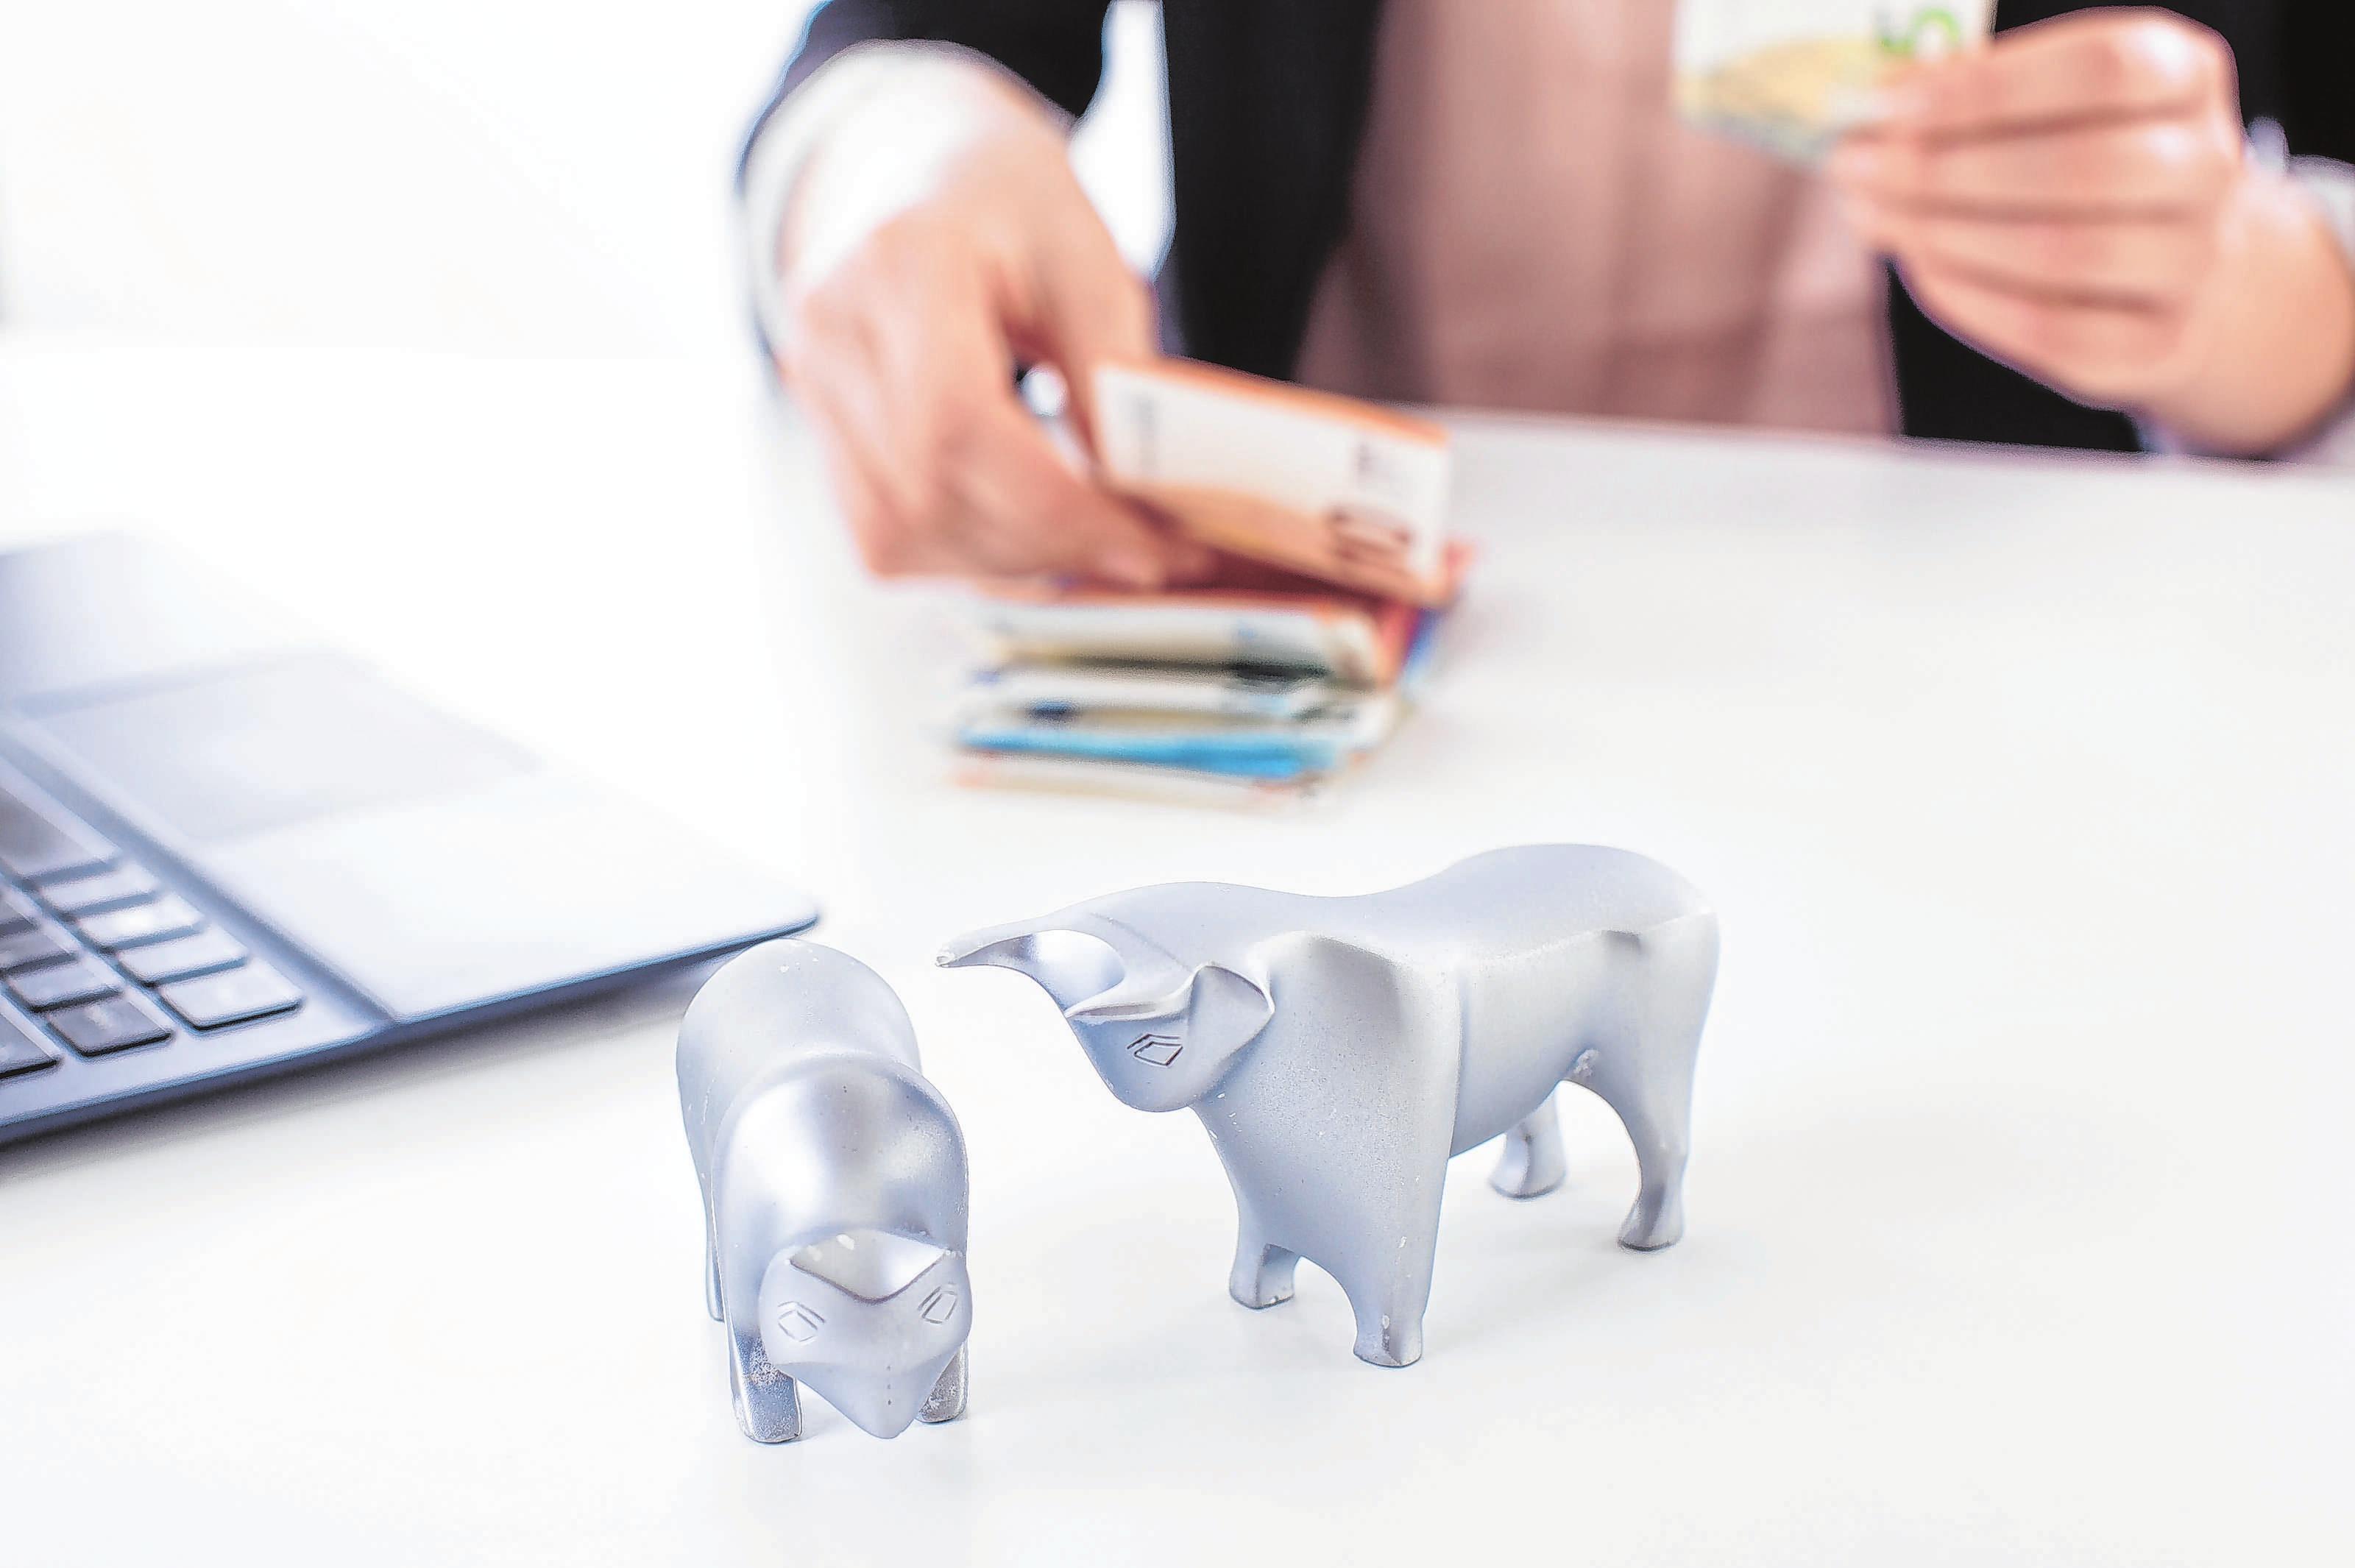 Seit Januar 2019 werden vom Fondsvermögen automatisch 15 Prozent Körperschaftssteuer auf Dividenden und Gewinne an das Finanzamt abführt. Foto: Christin Klose/dpa-mag